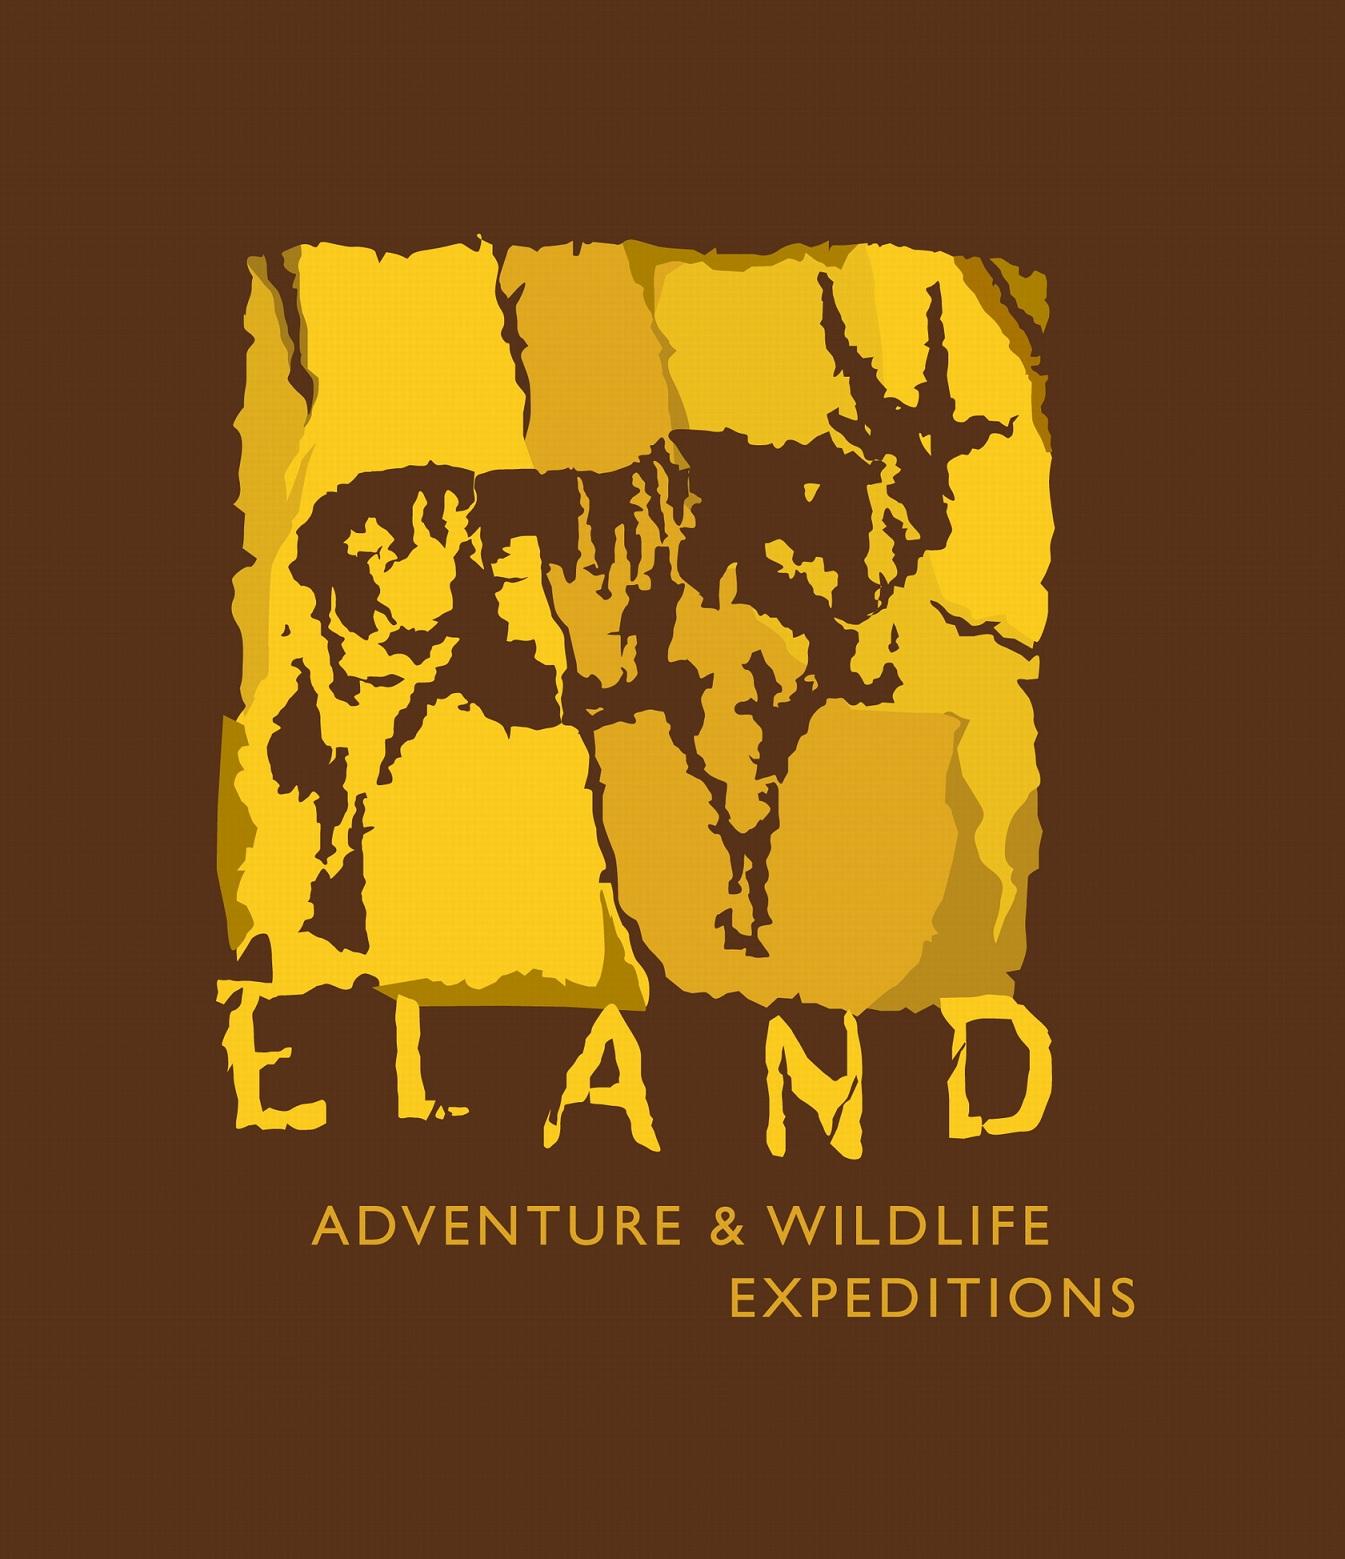 Eland Expediciones